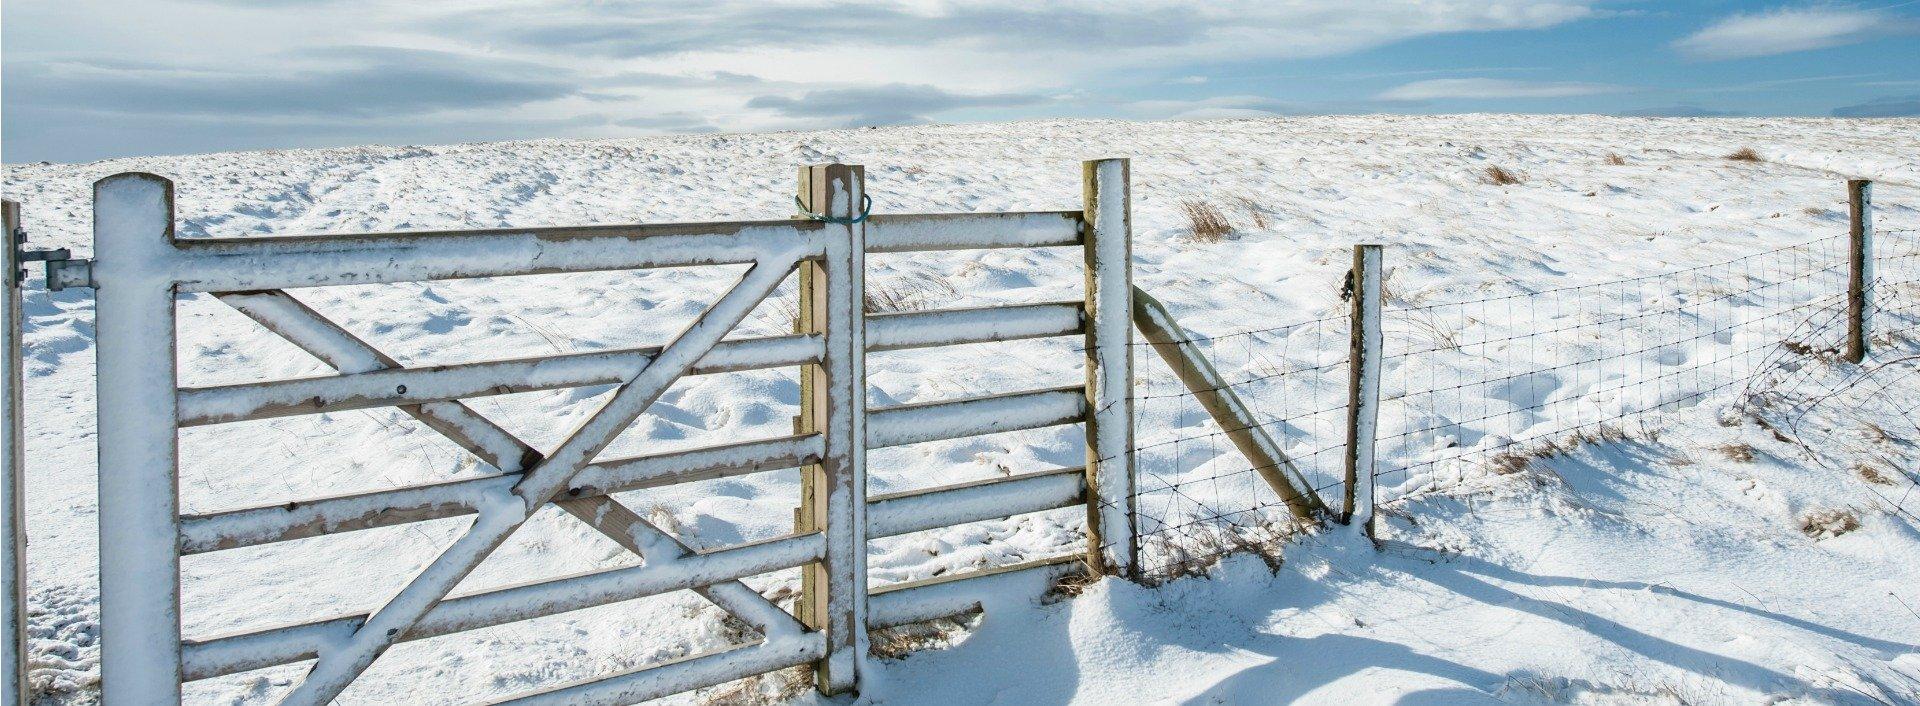 Landschaftsbild mit schneebedecktem Tor eines Weidezauns im Vordergrund